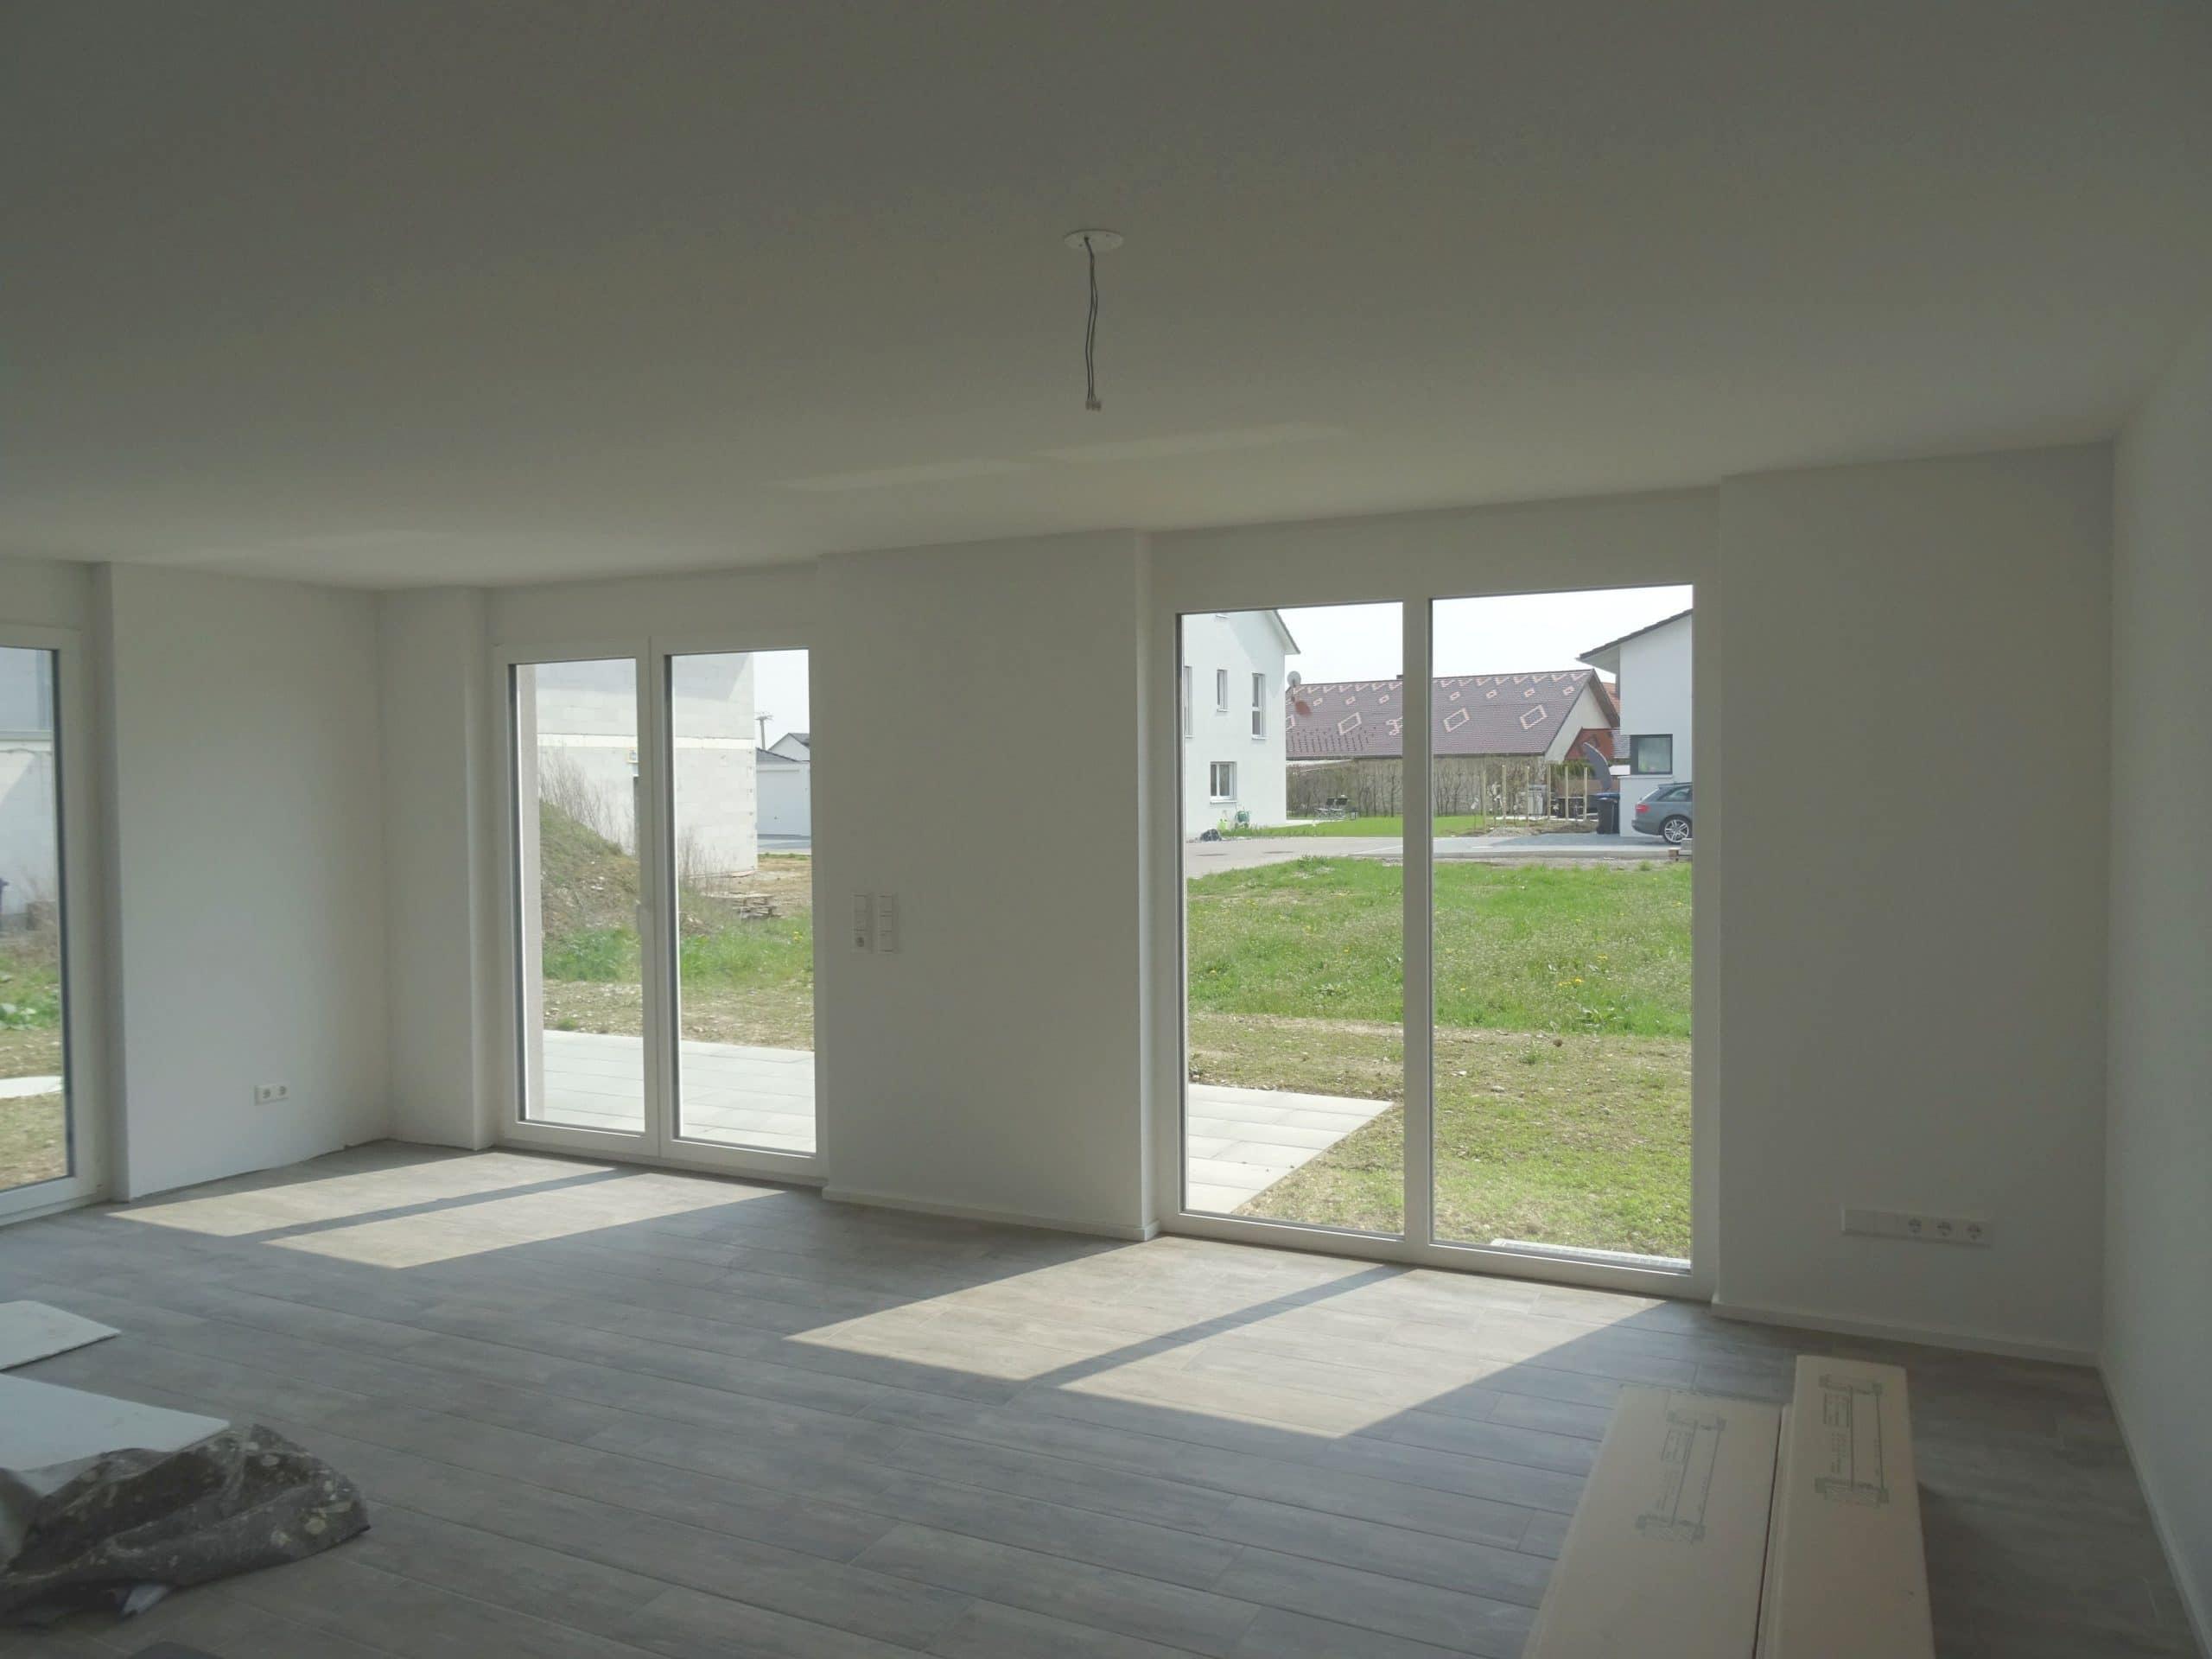 News-Beitrag: Ist die Immobilie unbewohnt und leer